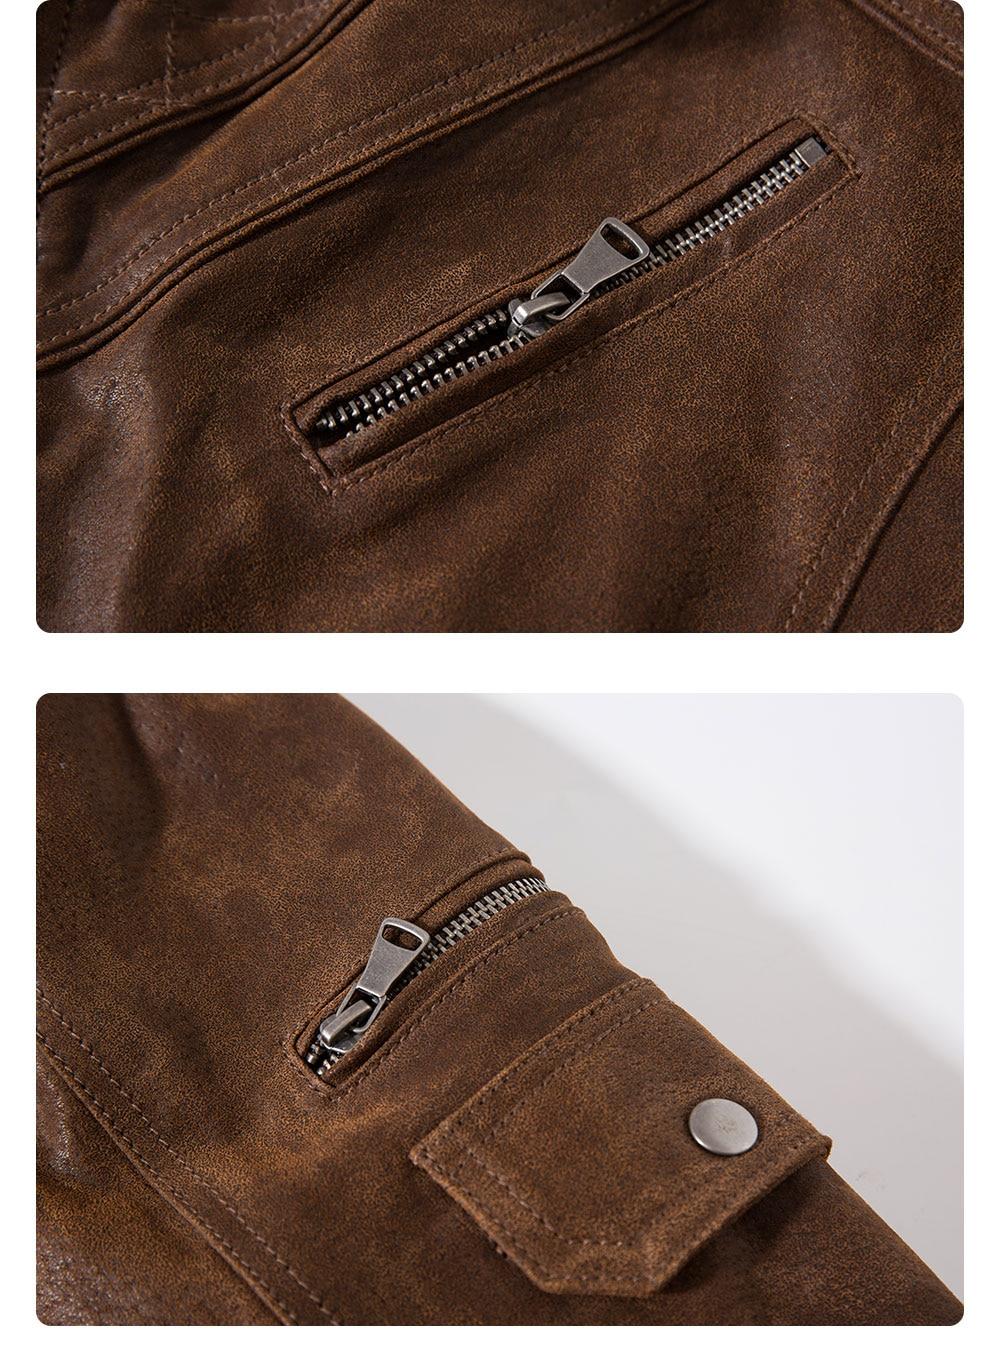 Hf30872ed6e0f4bdbaac9c386b8f70453N Men's Pigskin Real Leather Jacket Genuine Leather Jackets Motorcycle Jacket Coat Men